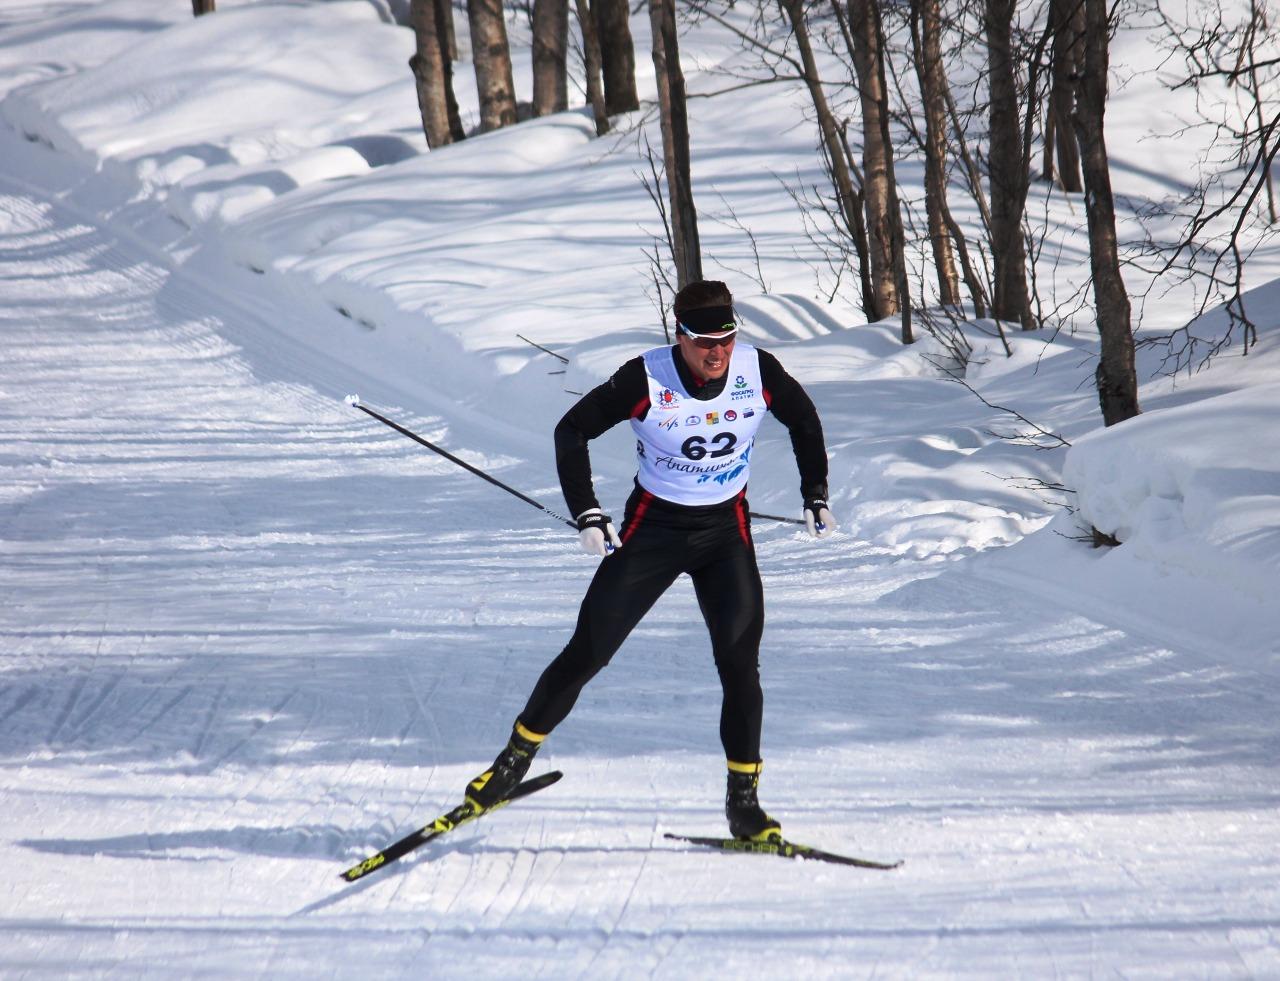 Андрей Краснов преодолевает верхнюю ступень финишного подъема.